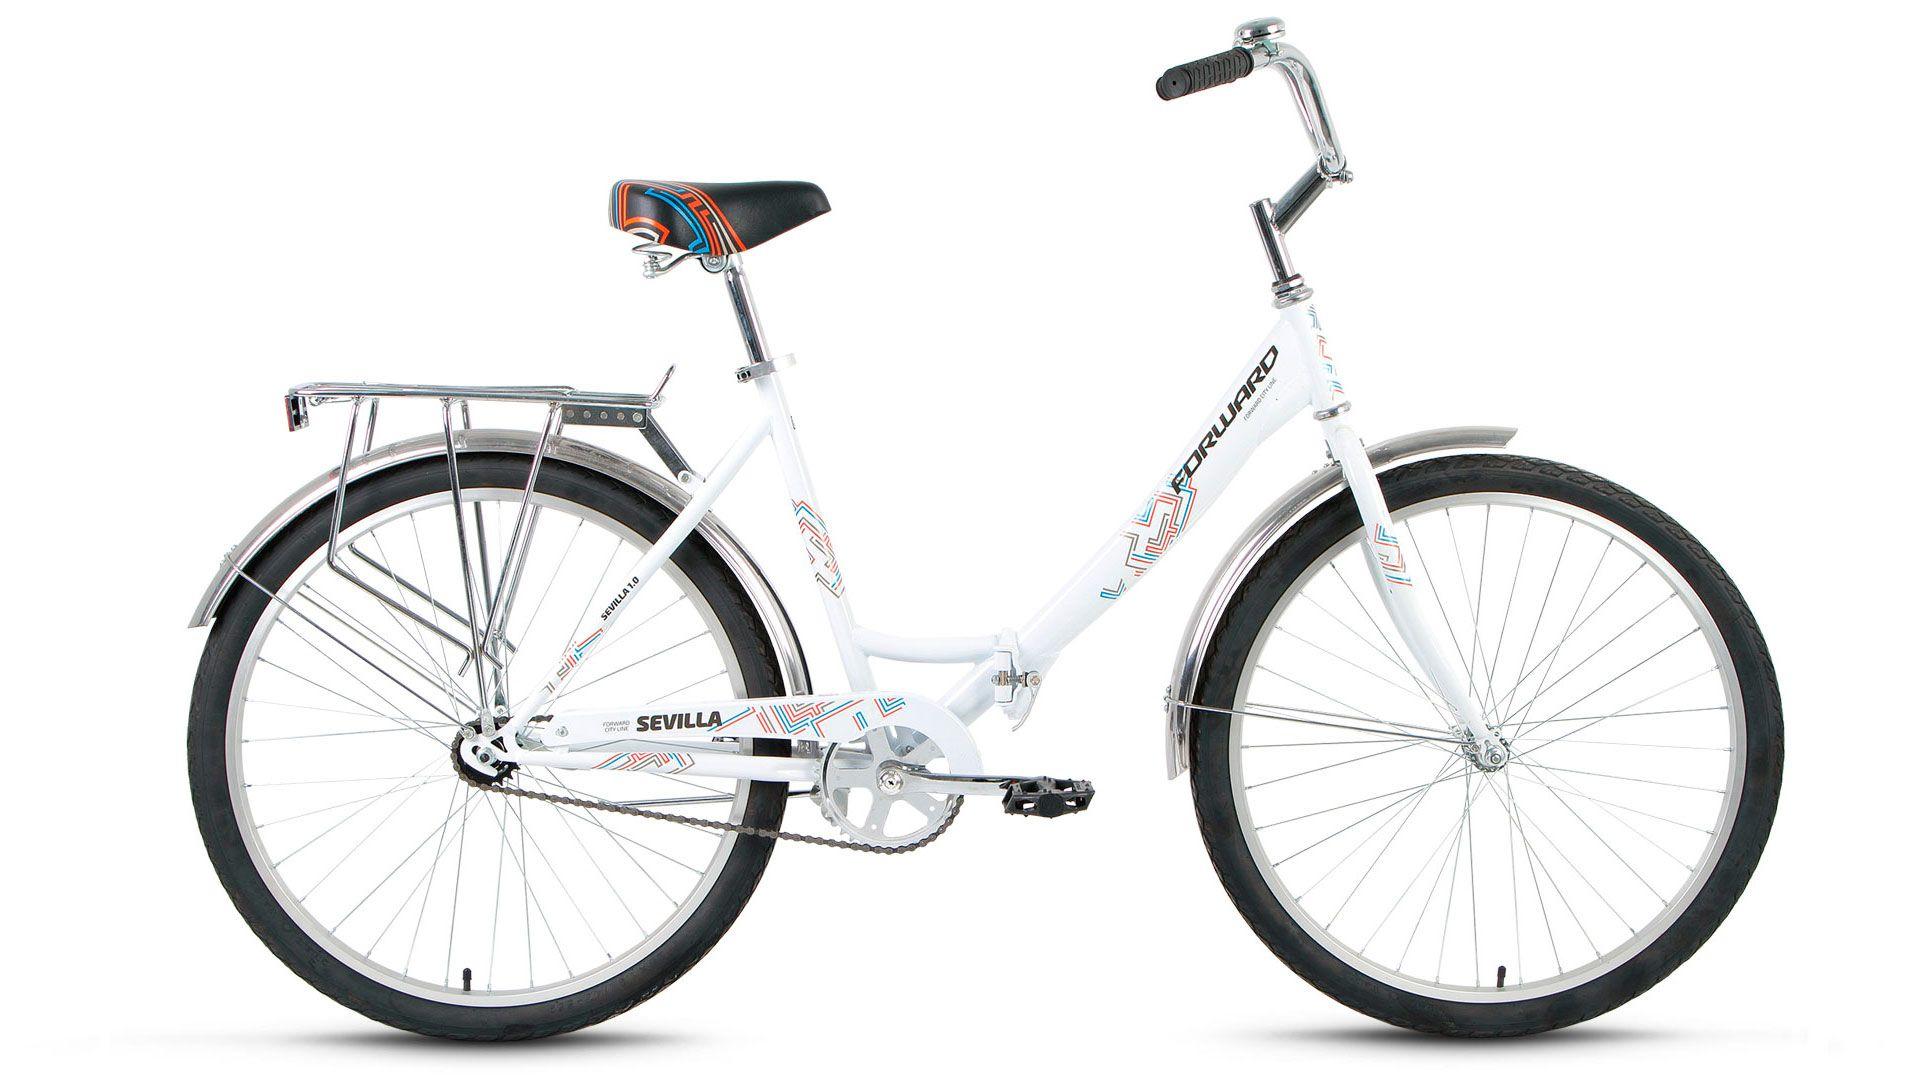 Велосипед Forward Sevilla 1.0 2018 женский велосипед навигатор купить в пензе